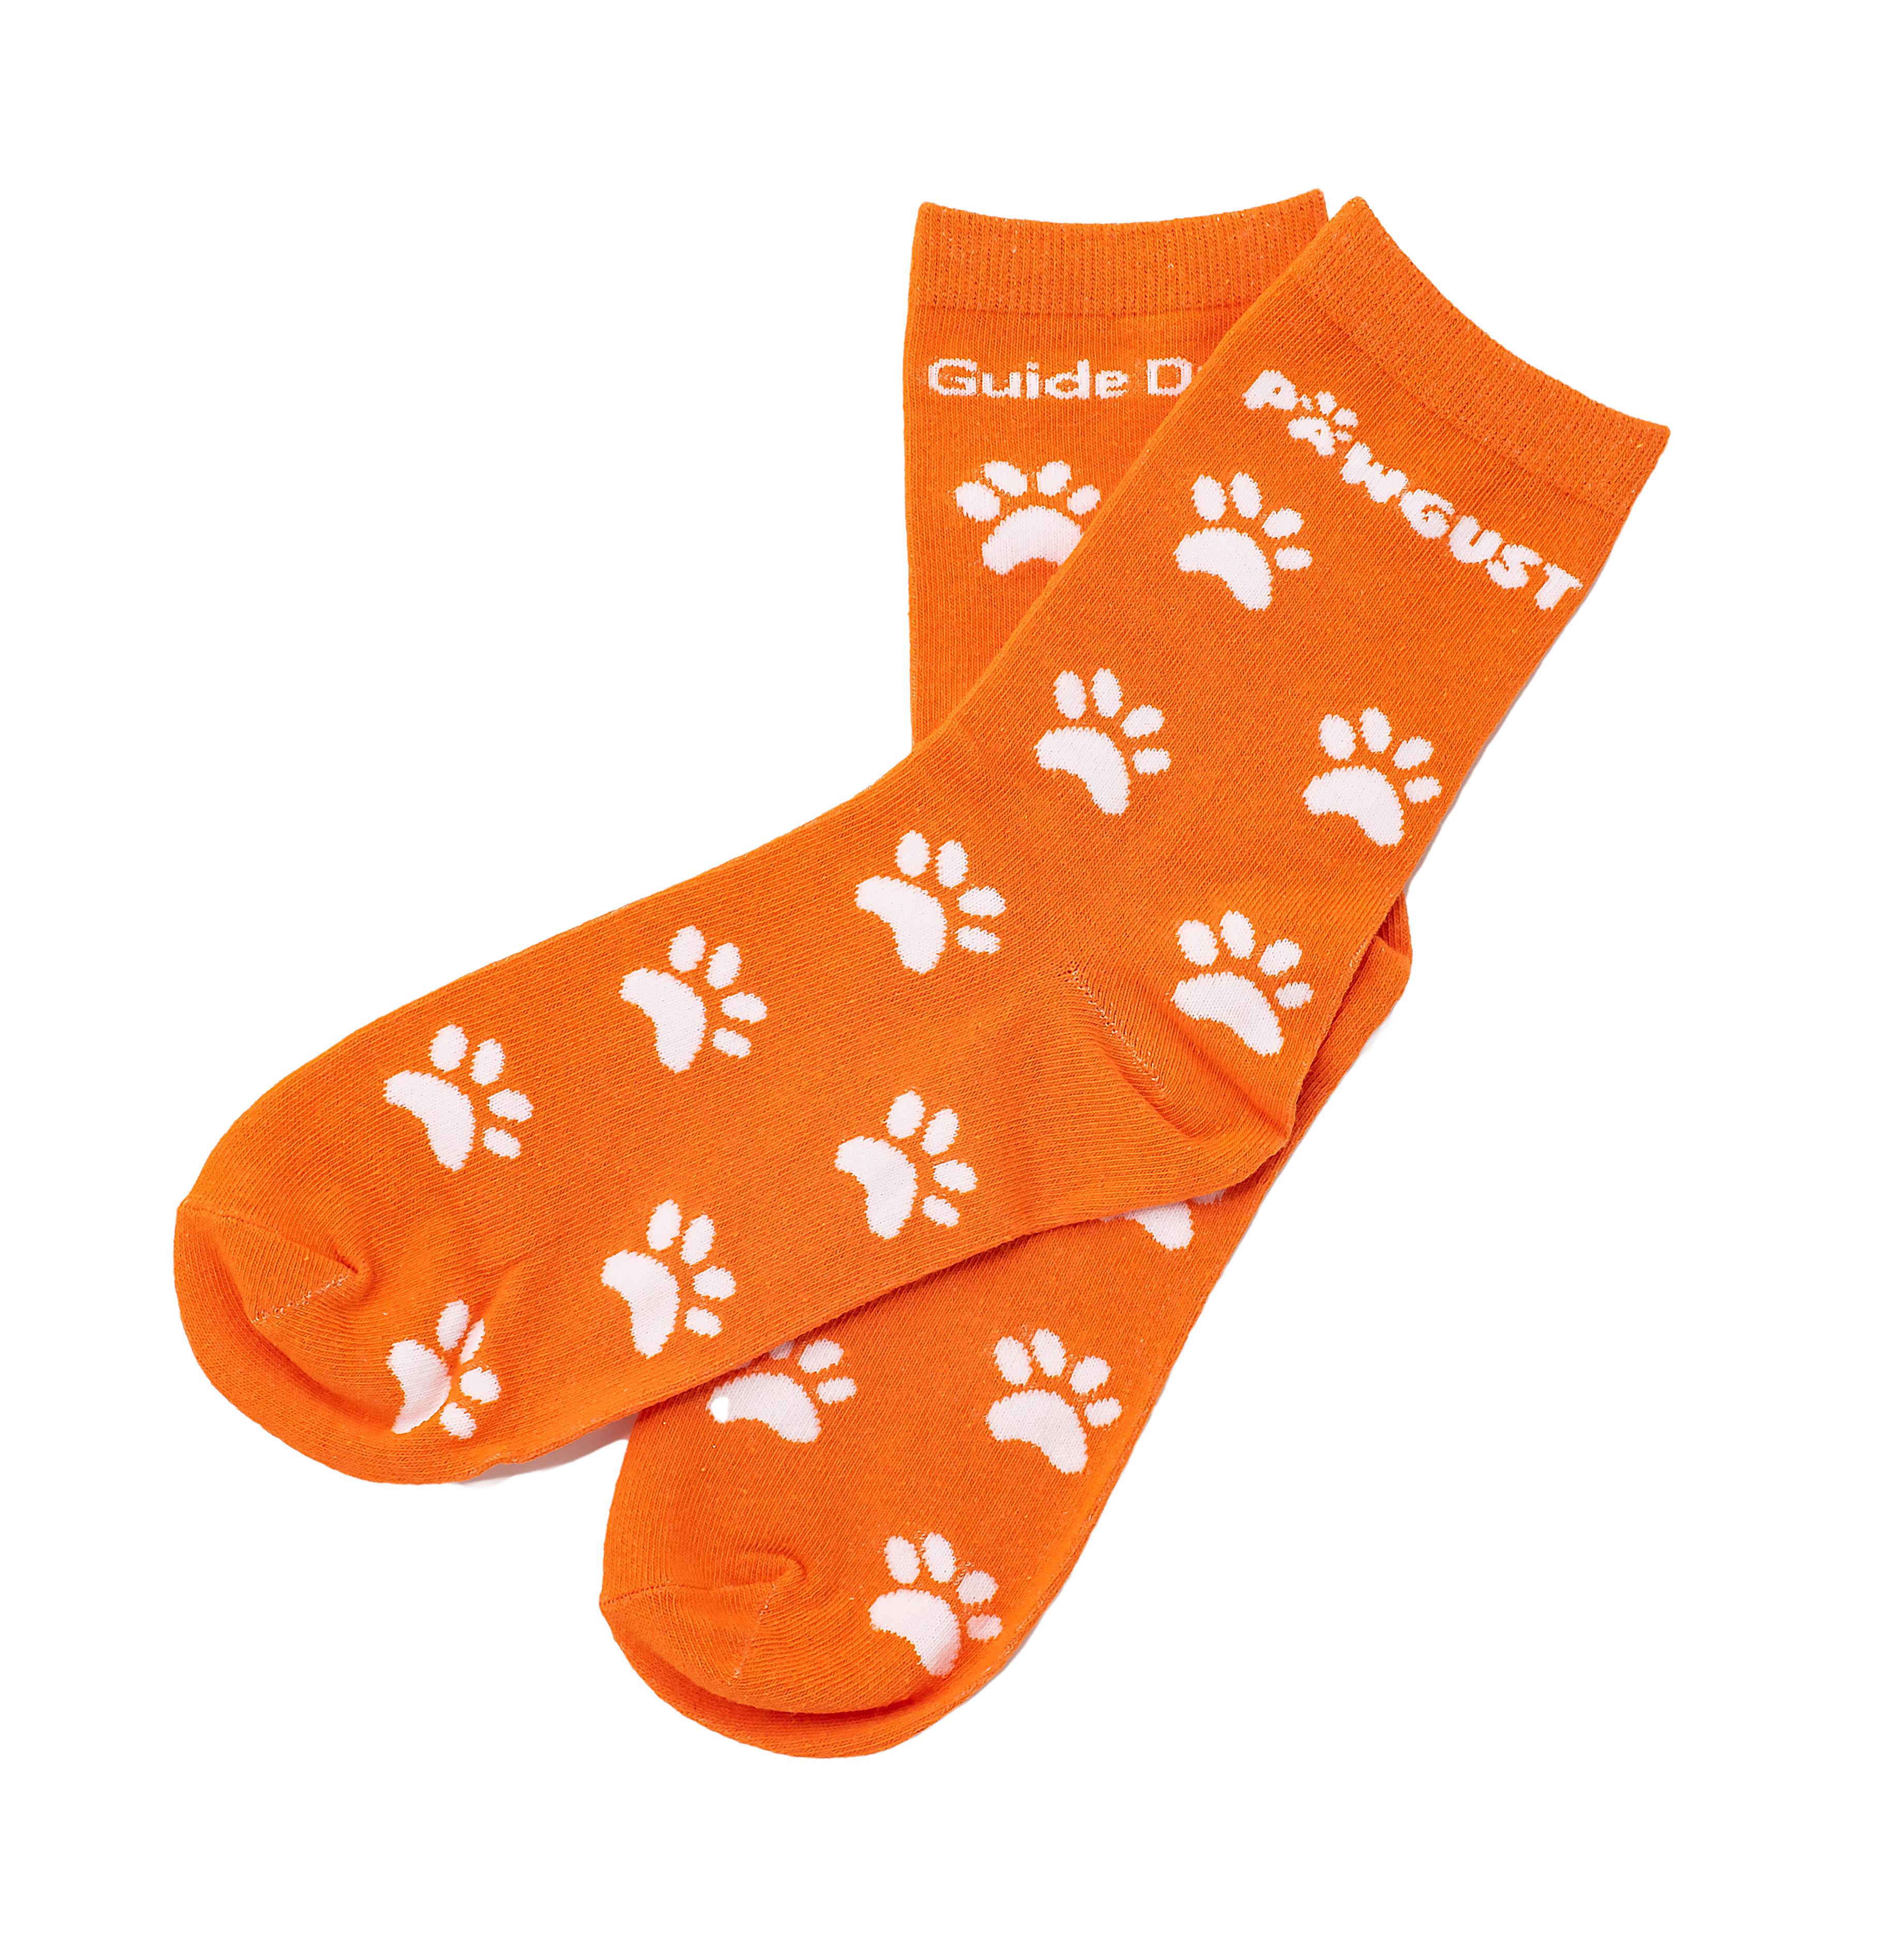 Image of PAWGUST socks